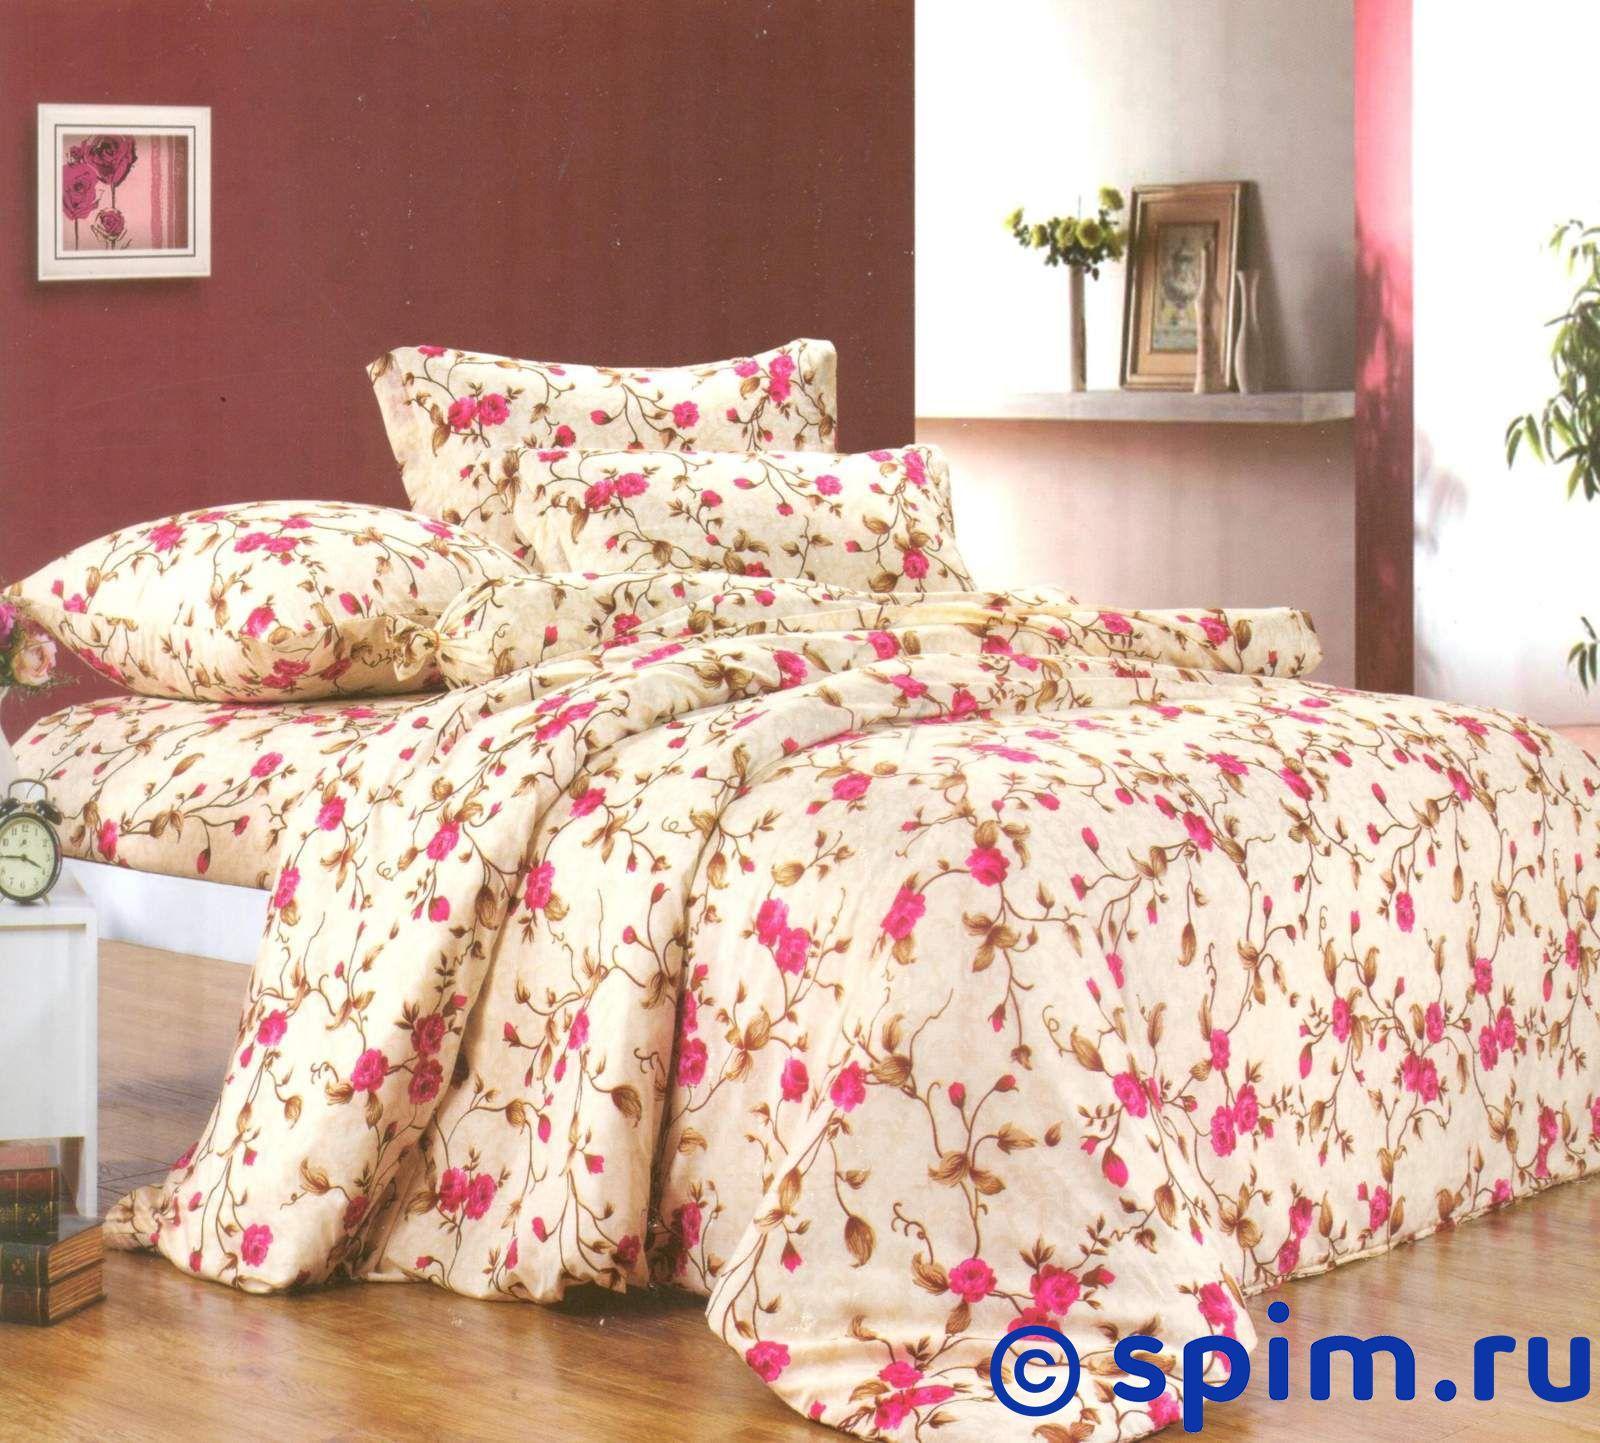 Комплект СайлиД А107 1.5 спальное